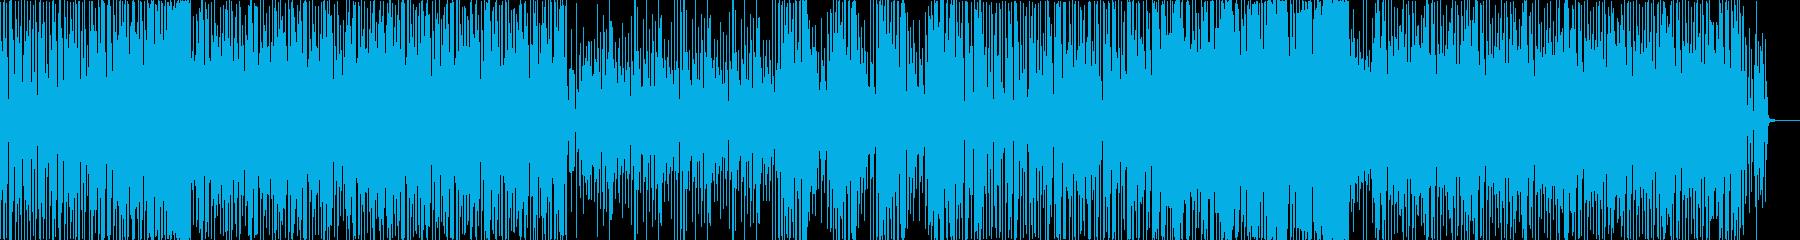 フィルターがかった懐かしめなディスコの再生済みの波形